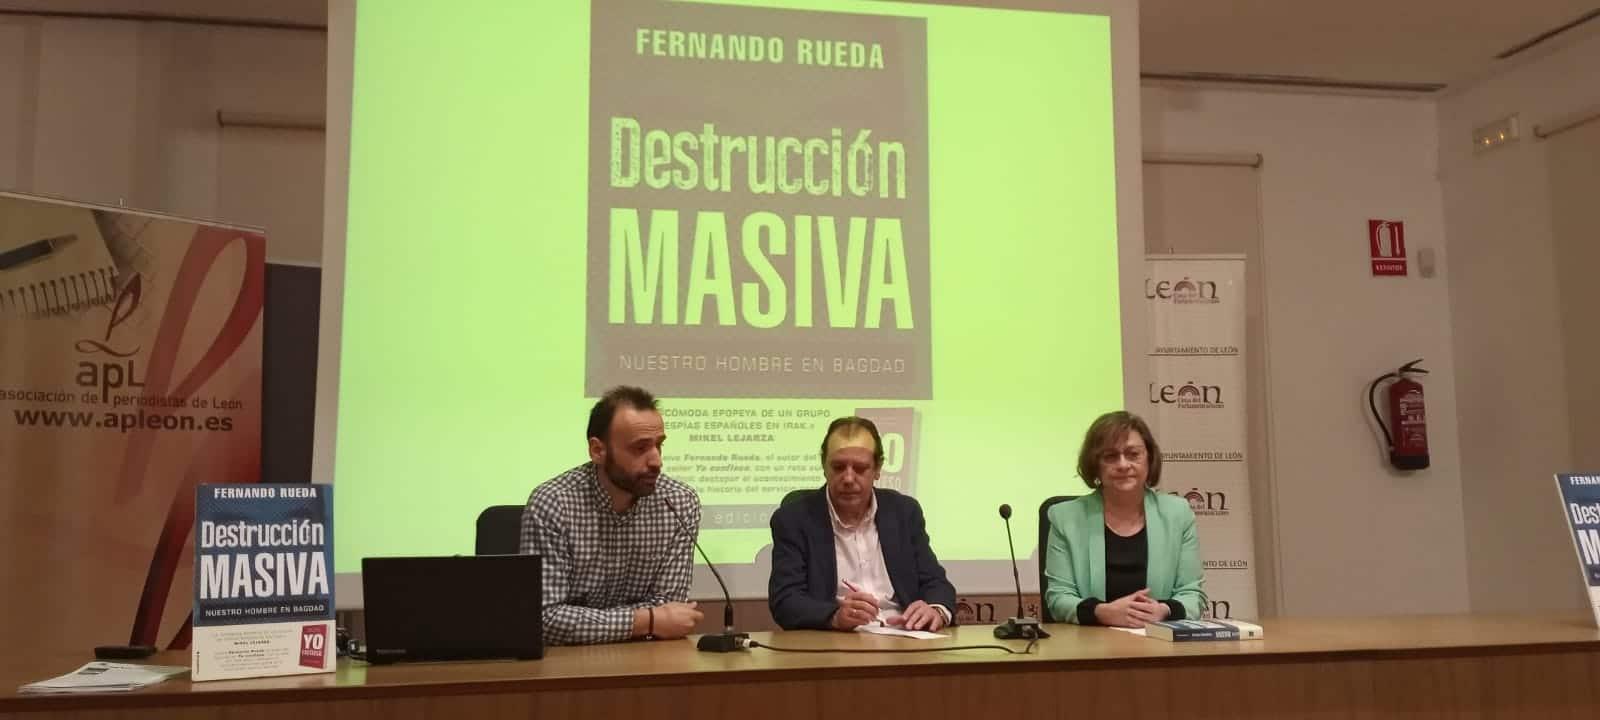 @fernando_rueda sigue con las presentaciones de Destrucción masiva, ayer en León